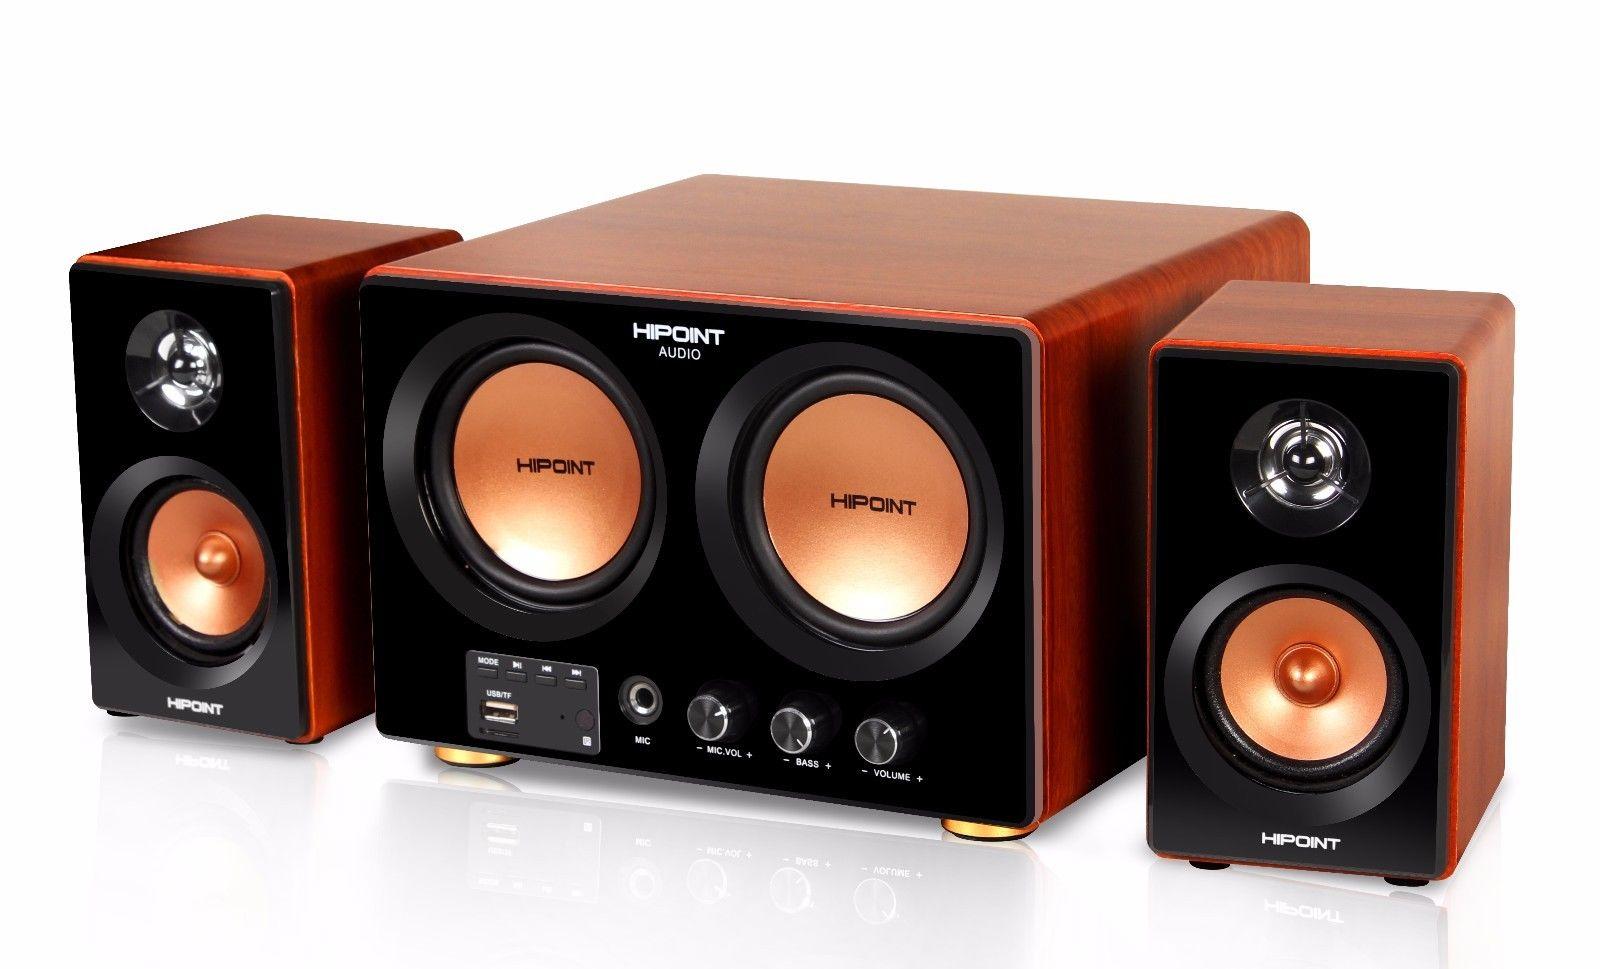 HIPOINT AUDIO 2.1 SURROUND SOUND SPEAKER SYSTEM WITH BLUETOOTH USB & REMOTE